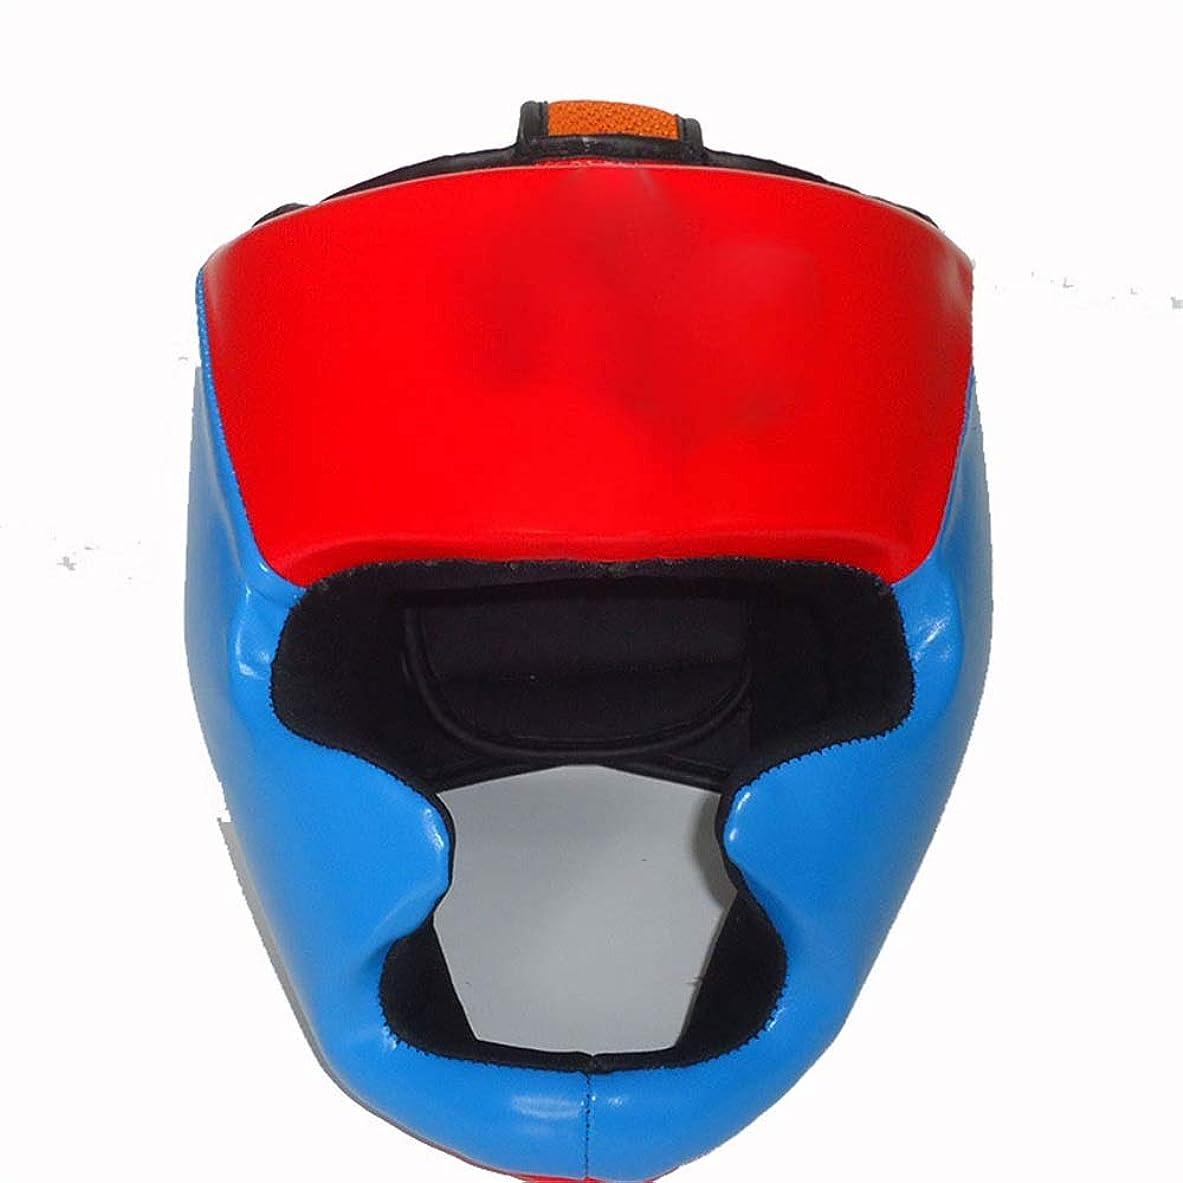 スーツケース差別自分のBoxing Helmet, ヘッドギアボクシング総合格闘技トレーニングキックボクシングスパーリング空手テコンドー ボクシングヘッドガードヘルメット (色 : As picture, サイズ : S)